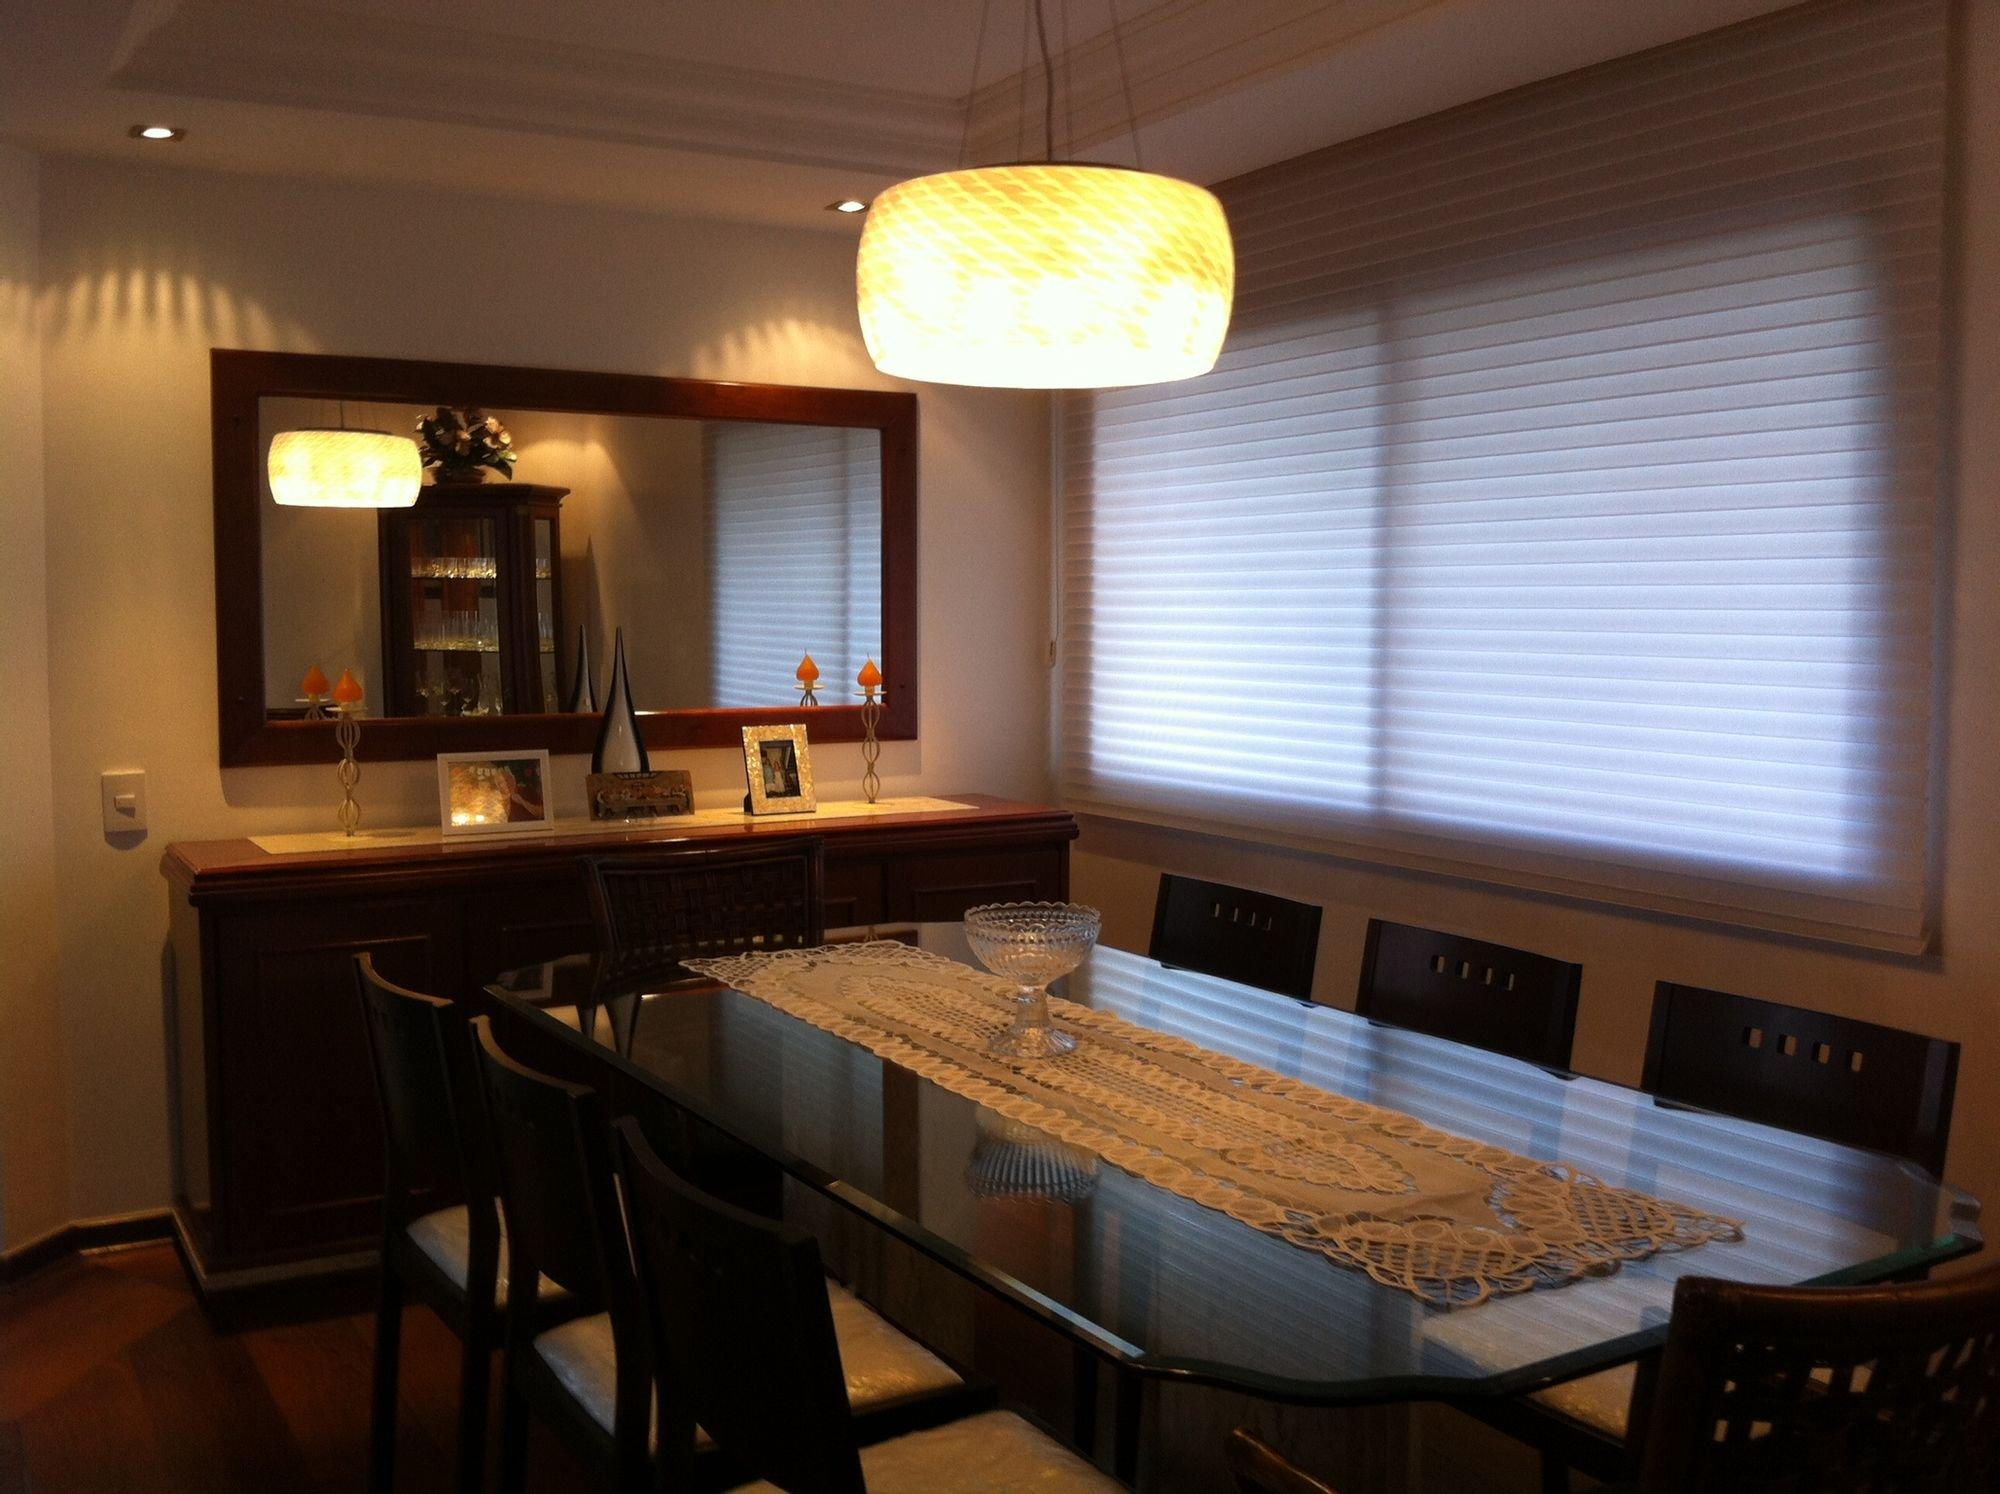 Foto de Sala com cadeira, pia, mesa de jantar